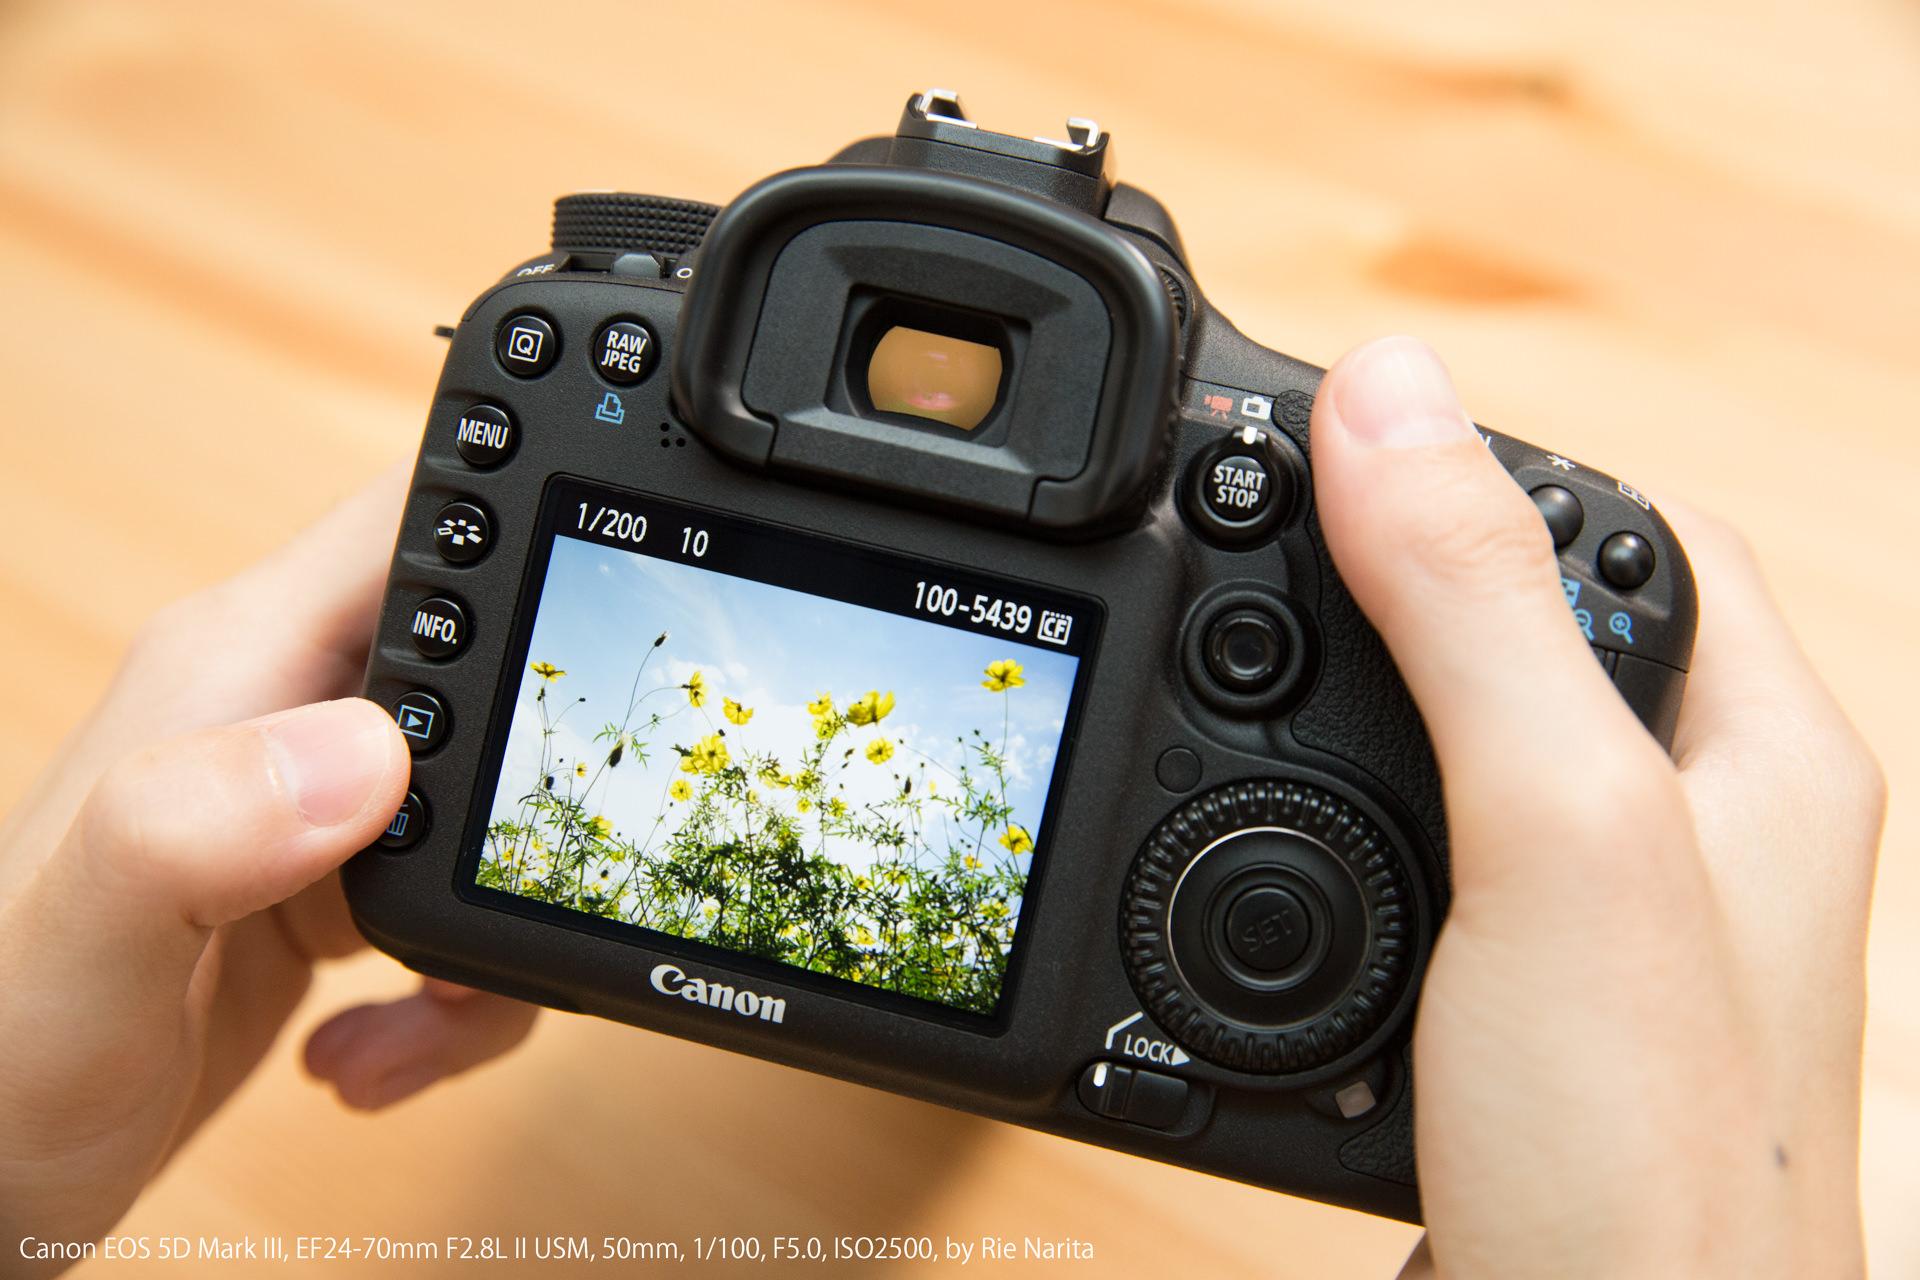 一眼レフカメラの「再生ボタン」を押して撮影した画像を確認しているところ